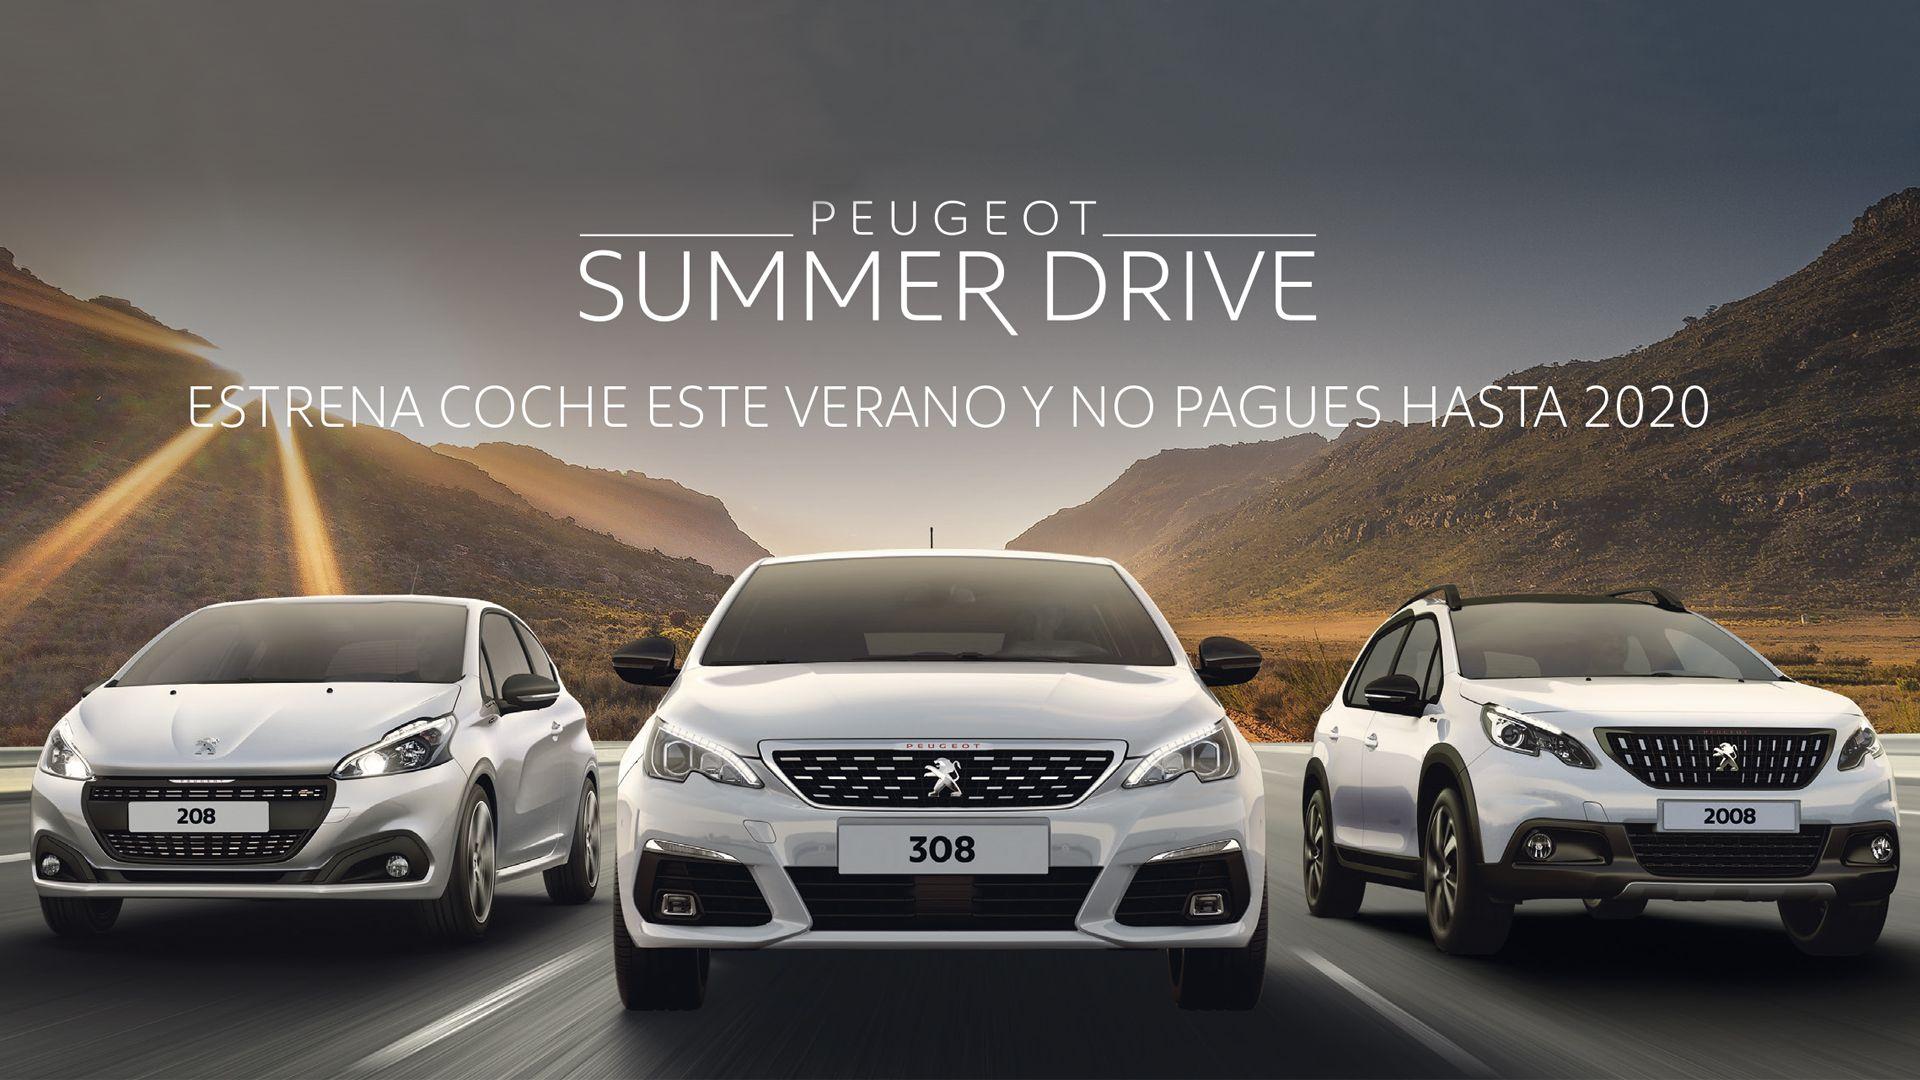 Estrena coche este verano y no pagues hasta 2020